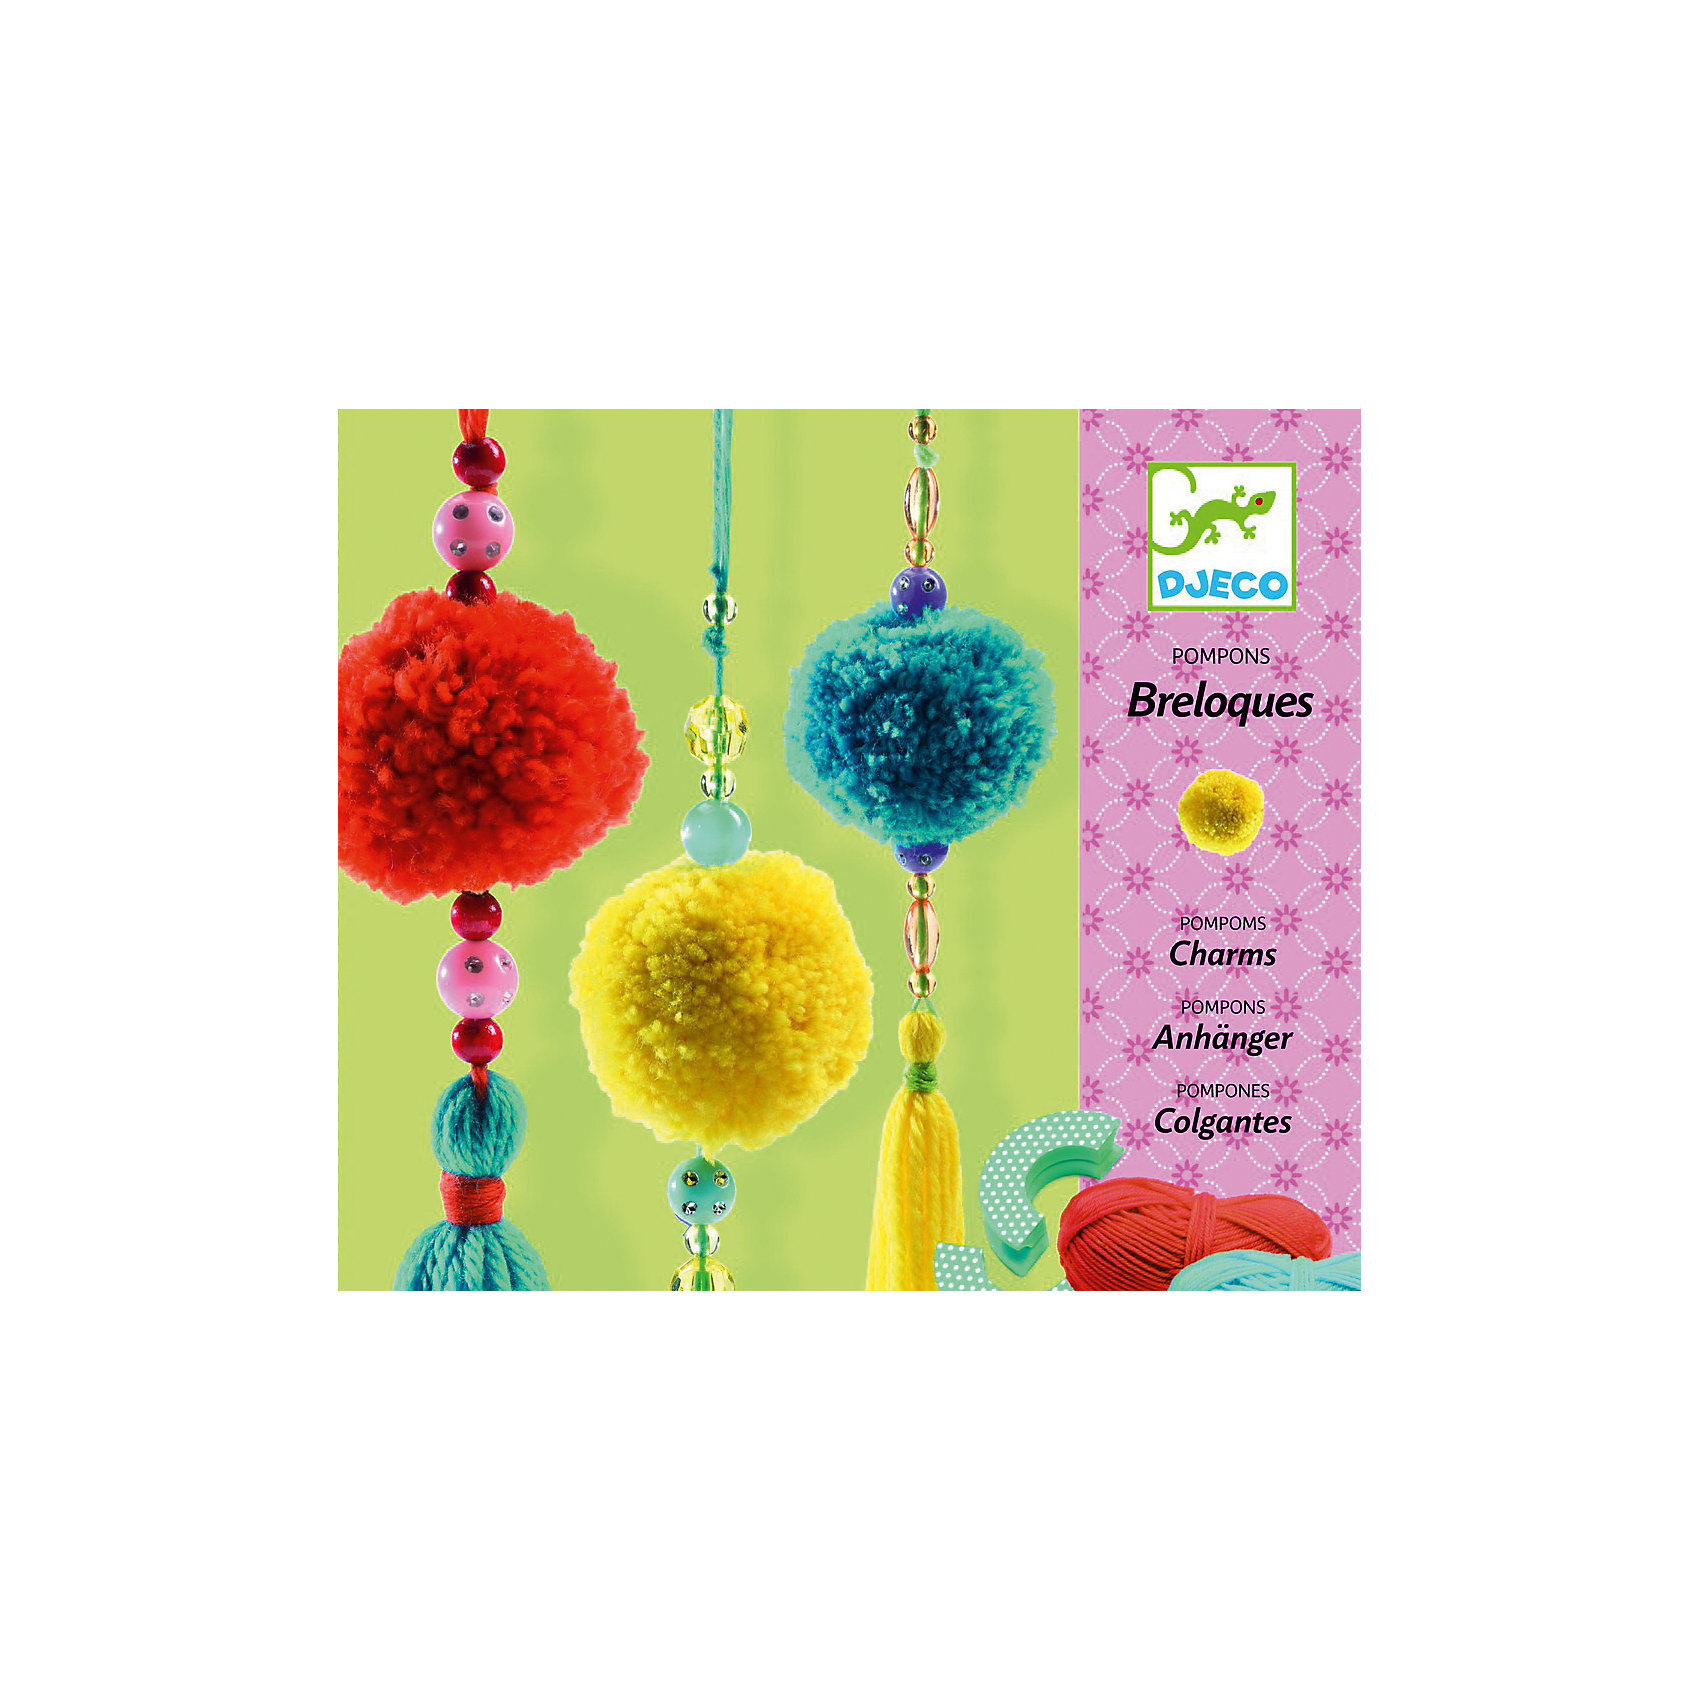 Набор для творчества Помпон, DJECOКниги для развития творческих навыков<br>Характеристики набора для творчества Помпон:<br><br>• пол: для девочки<br>• возраст: от 3 лет<br>• материал: пластик, текстиль<br>• состав набора: 3 мотка шерсти разных цветов (длина мотка 22 метра), магнитное приспособление для изготовления помпонов, множество бусинок, пошаговая инструкция <br>• размер упаковки: 15x15x5 см<br>• бренд: Djeco<br>• страна обладателя бренда: Франция<br><br>Превосходный набор для детского творчества Помпон от французского производителя Djeco (Джеко) поможет раскрыть творческий потенциал Вашего ребенка! Красивый творческий набор для детей, который поможет им сделать прекрасные разноцветные помпоны, используя простую и доступную пошаговую инструкцию. Когда изделия будут готовы, то они станут украшением детской комнаты! <br><br>Набор развивает мелкую моторику пальцев ребенка, творческие способности, цветовосприятие, воображение. Красочная подробная инструкция с примерами подскажет детям, как нужно создавать помпоны. Набор упакован в красивую подарочную коробку. Все детали набора выполнены аккуратно и качественно и безопасны для детей. <br><br>Набор для творчества Помпон торговой марки Djeco (Джеко) можно купить в нашем интернет-магазине.<br><br>Ширина мм: 50<br>Глубина мм: 150<br>Высота мм: 150<br>Вес г: 257<br>Возраст от месяцев: 84<br>Возраст до месяцев: 2147483647<br>Пол: Женский<br>Возраст: Детский<br>SKU: 5448809